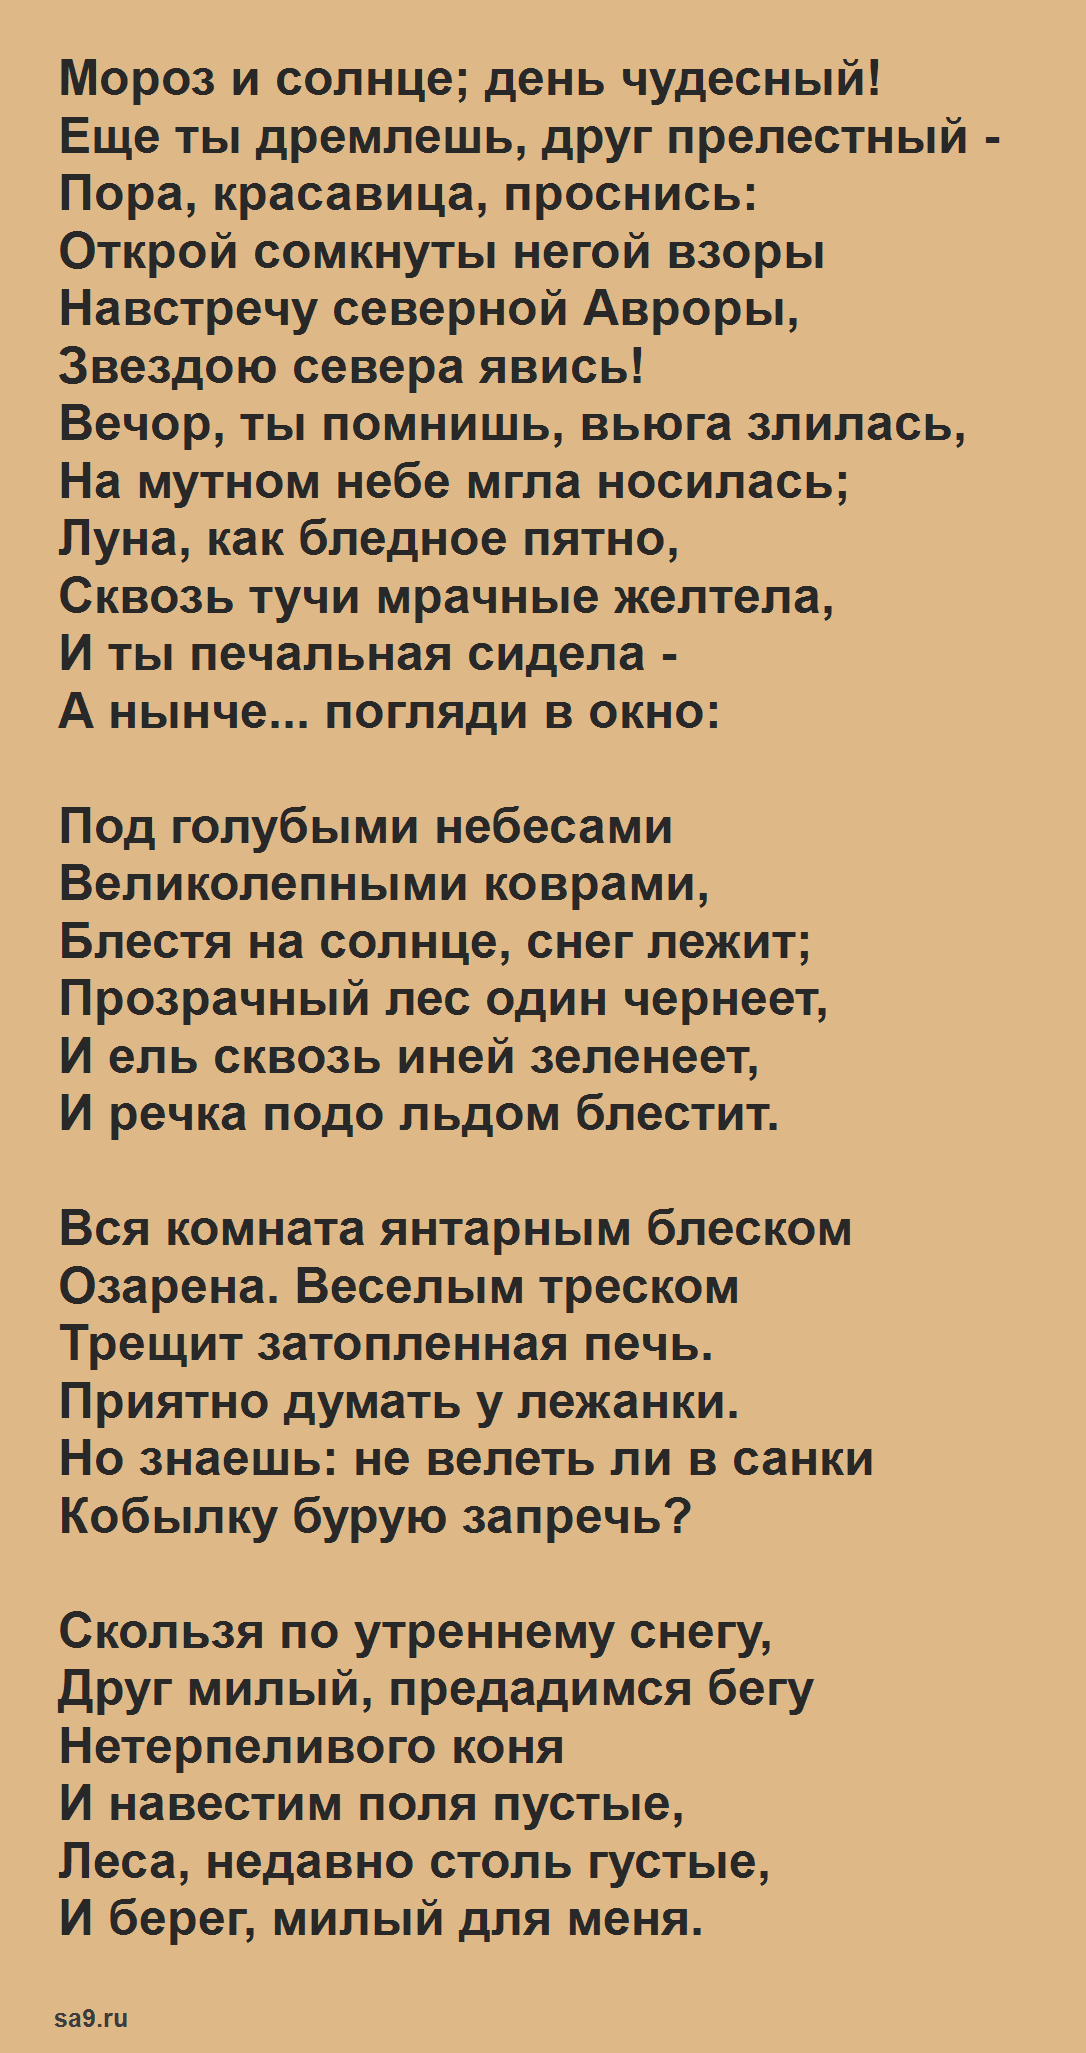 Стихи Пушкина о зиме - Зимнее утро